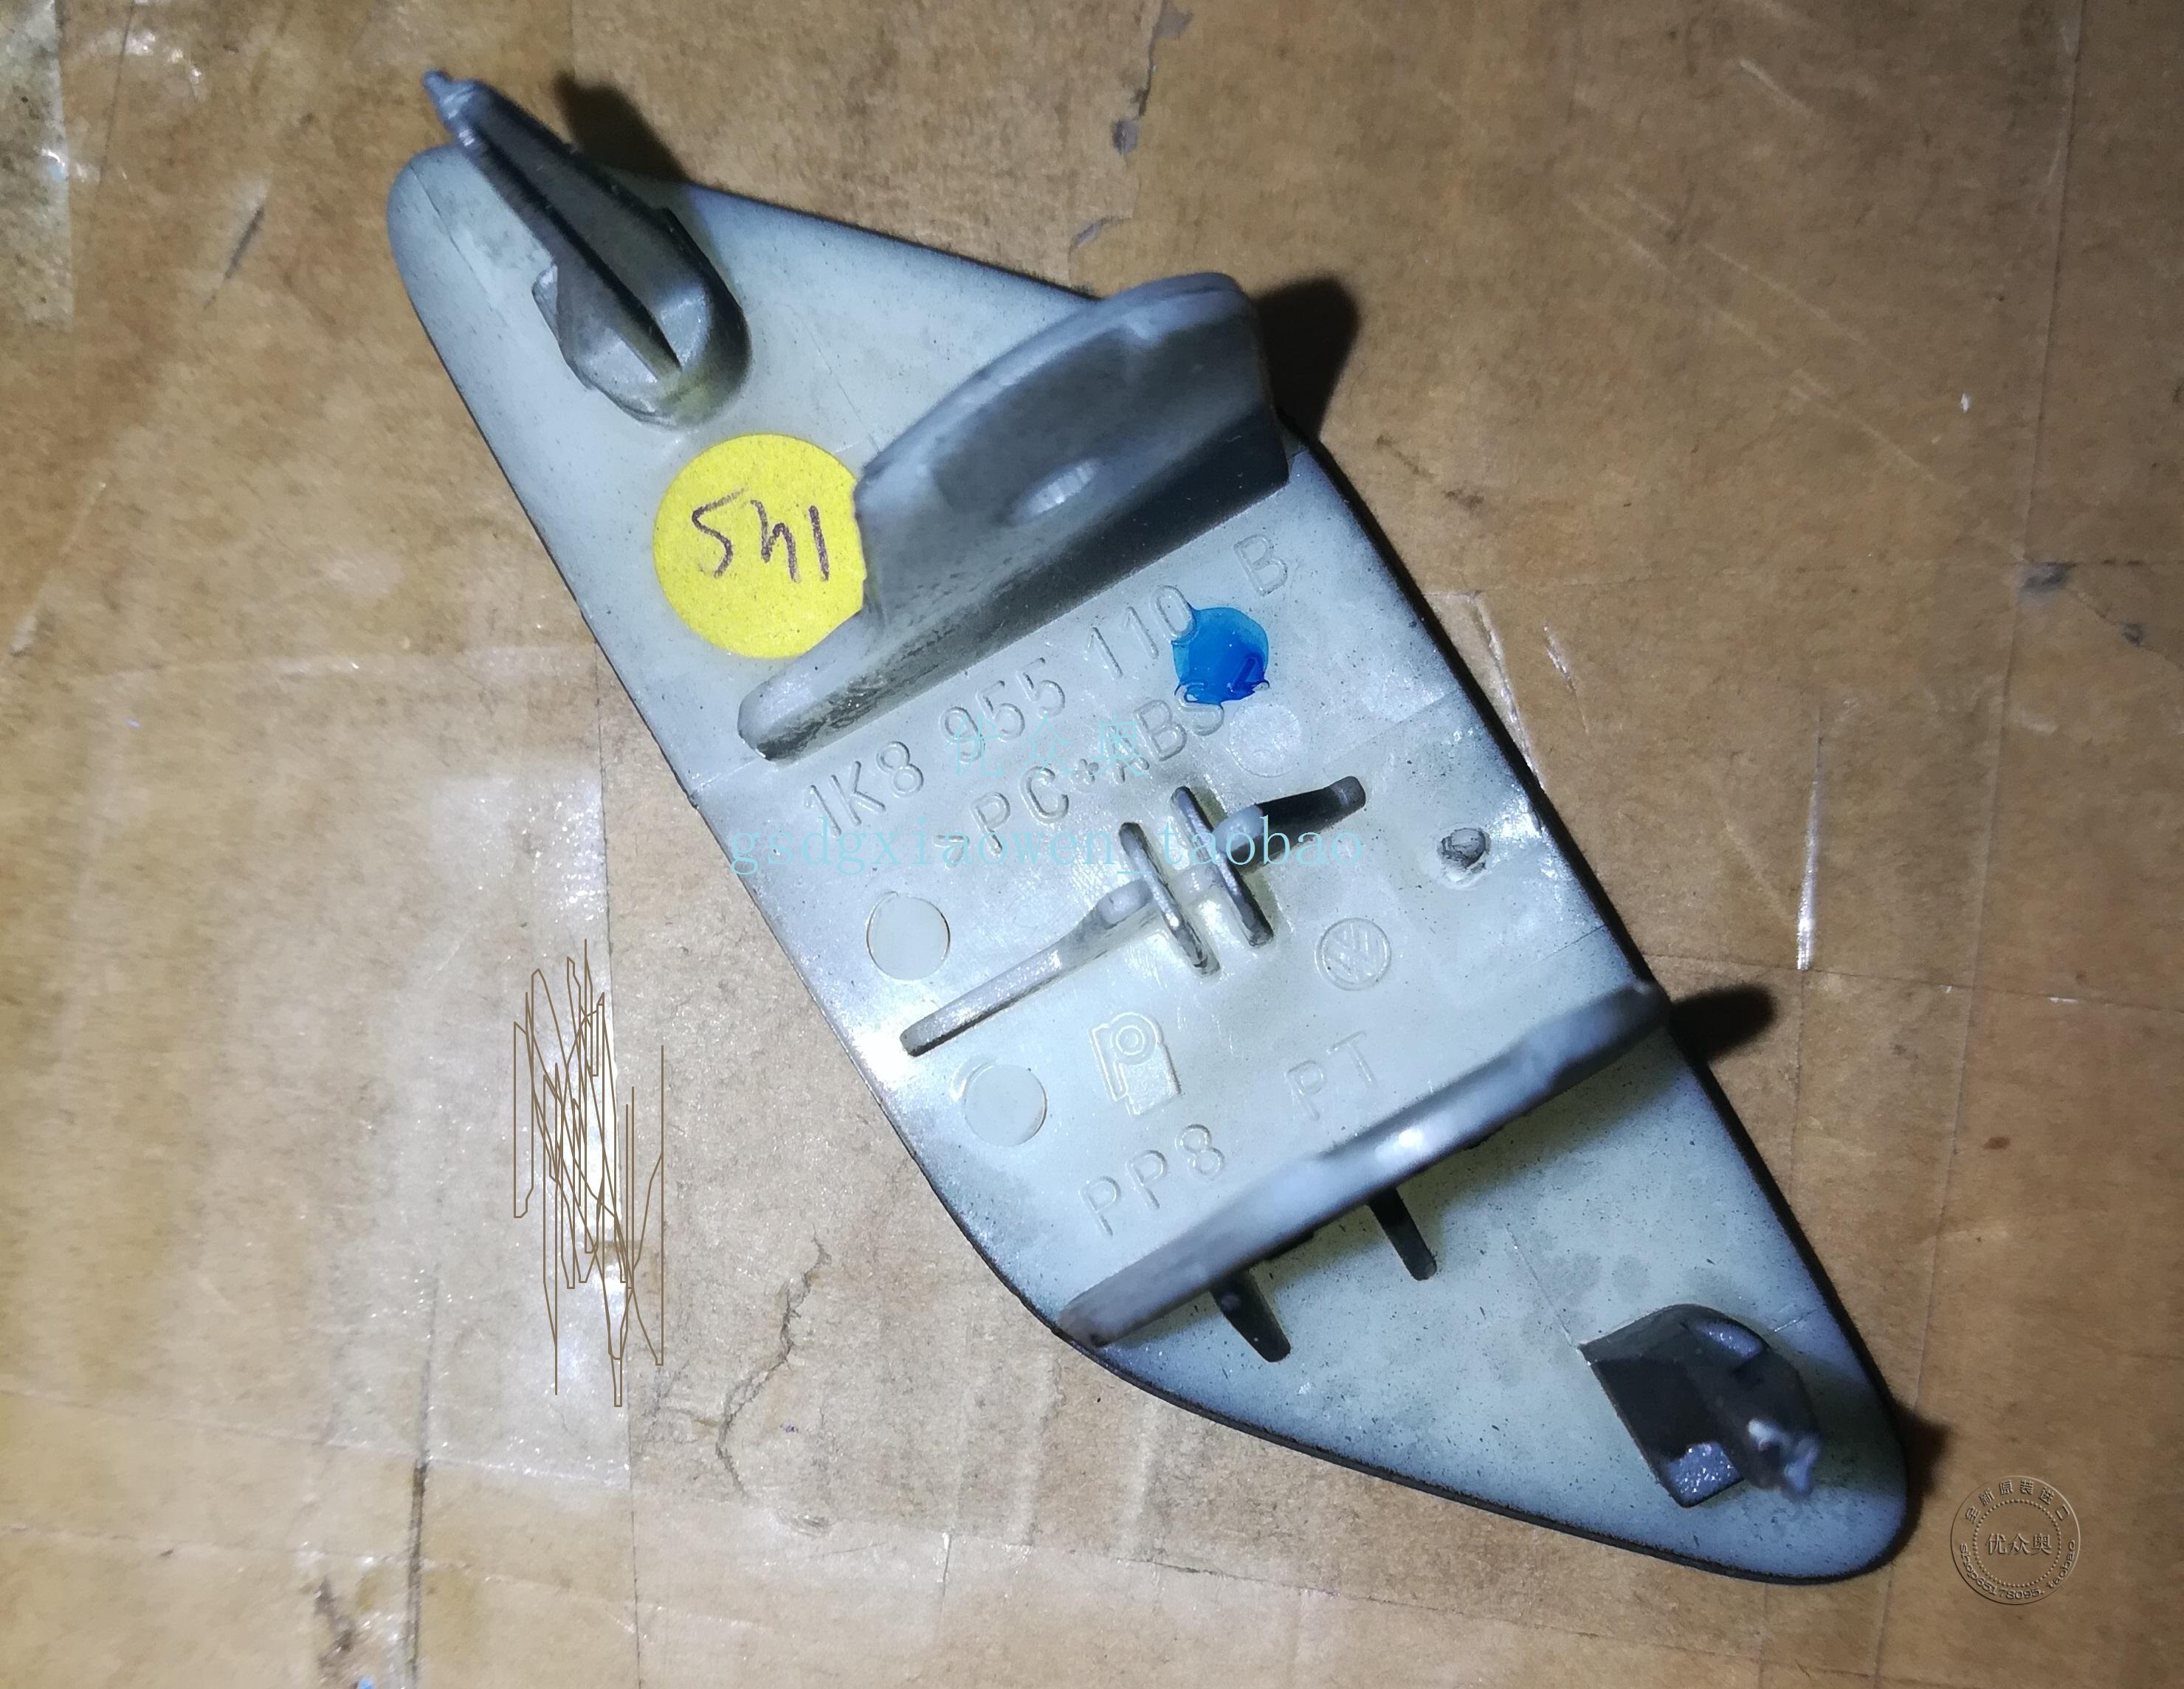 Import - scirocco vor der BAR scheinwerfer eines parallelograms wasserstrahl auf kunststoff aus der spritzpistole Original - ersatzteile